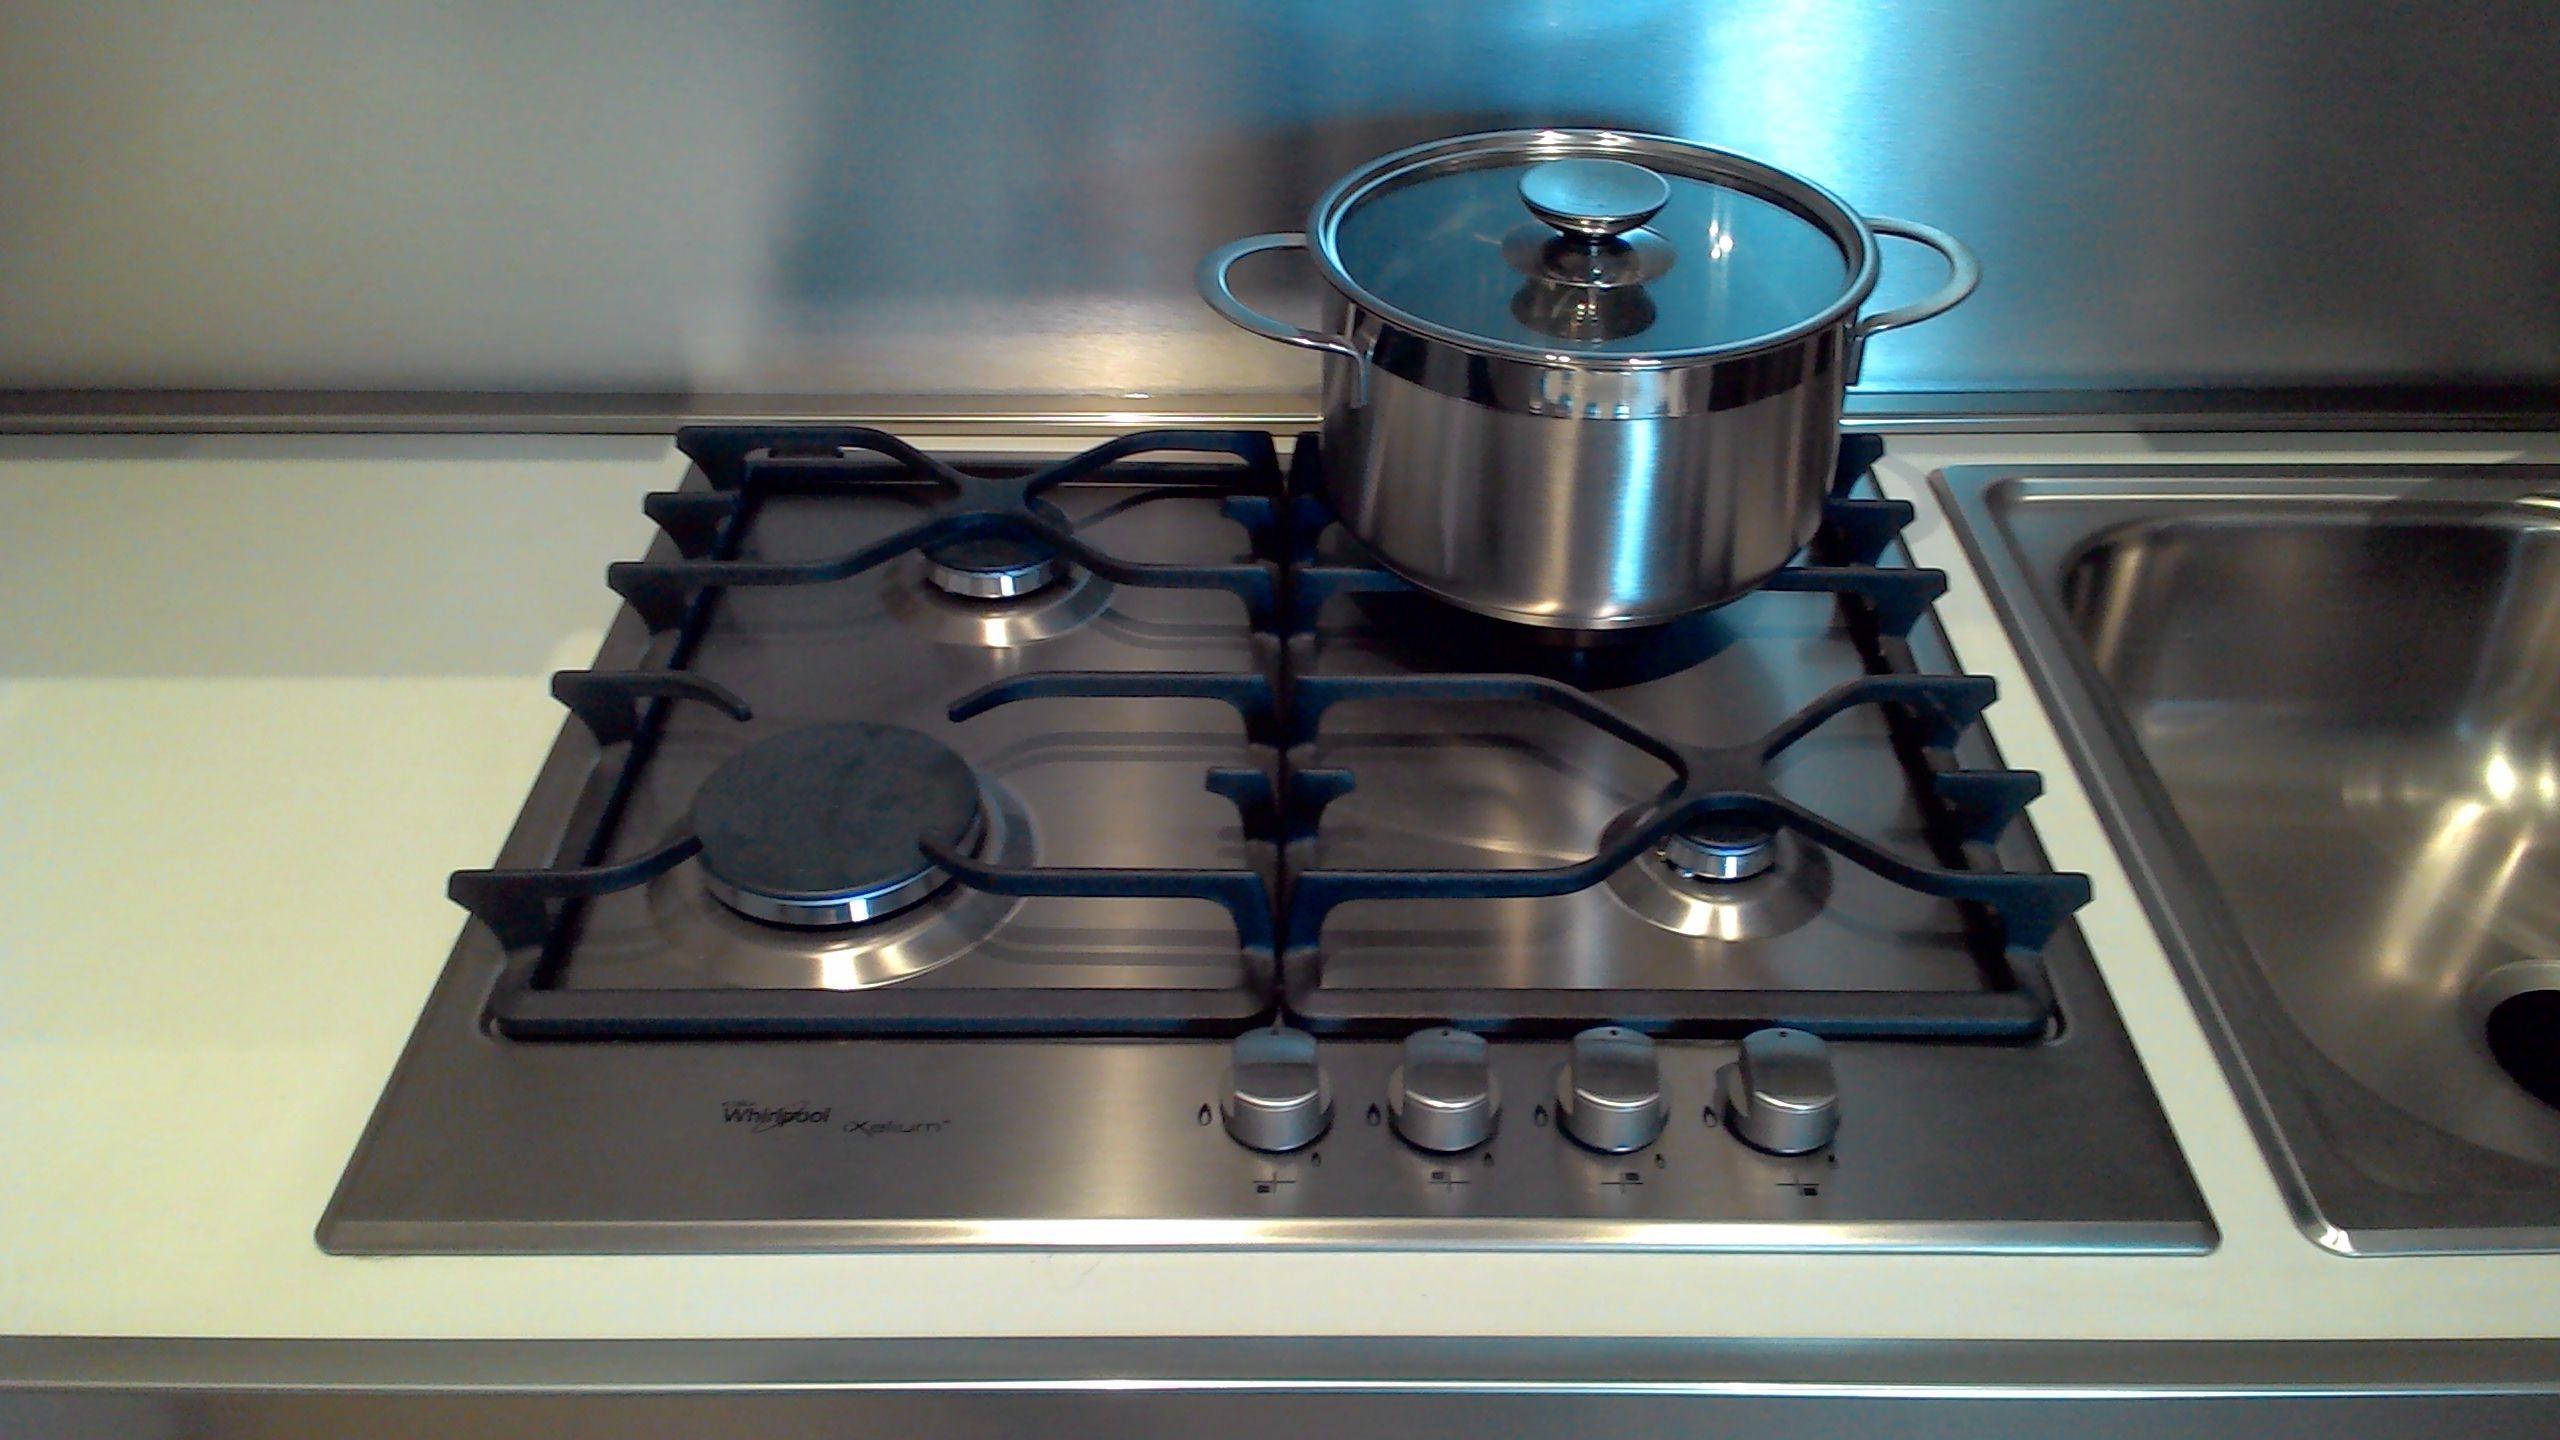 Best cucine dibiesse prezzi contemporary home ideas - Dibiesse cucine opinioni ...